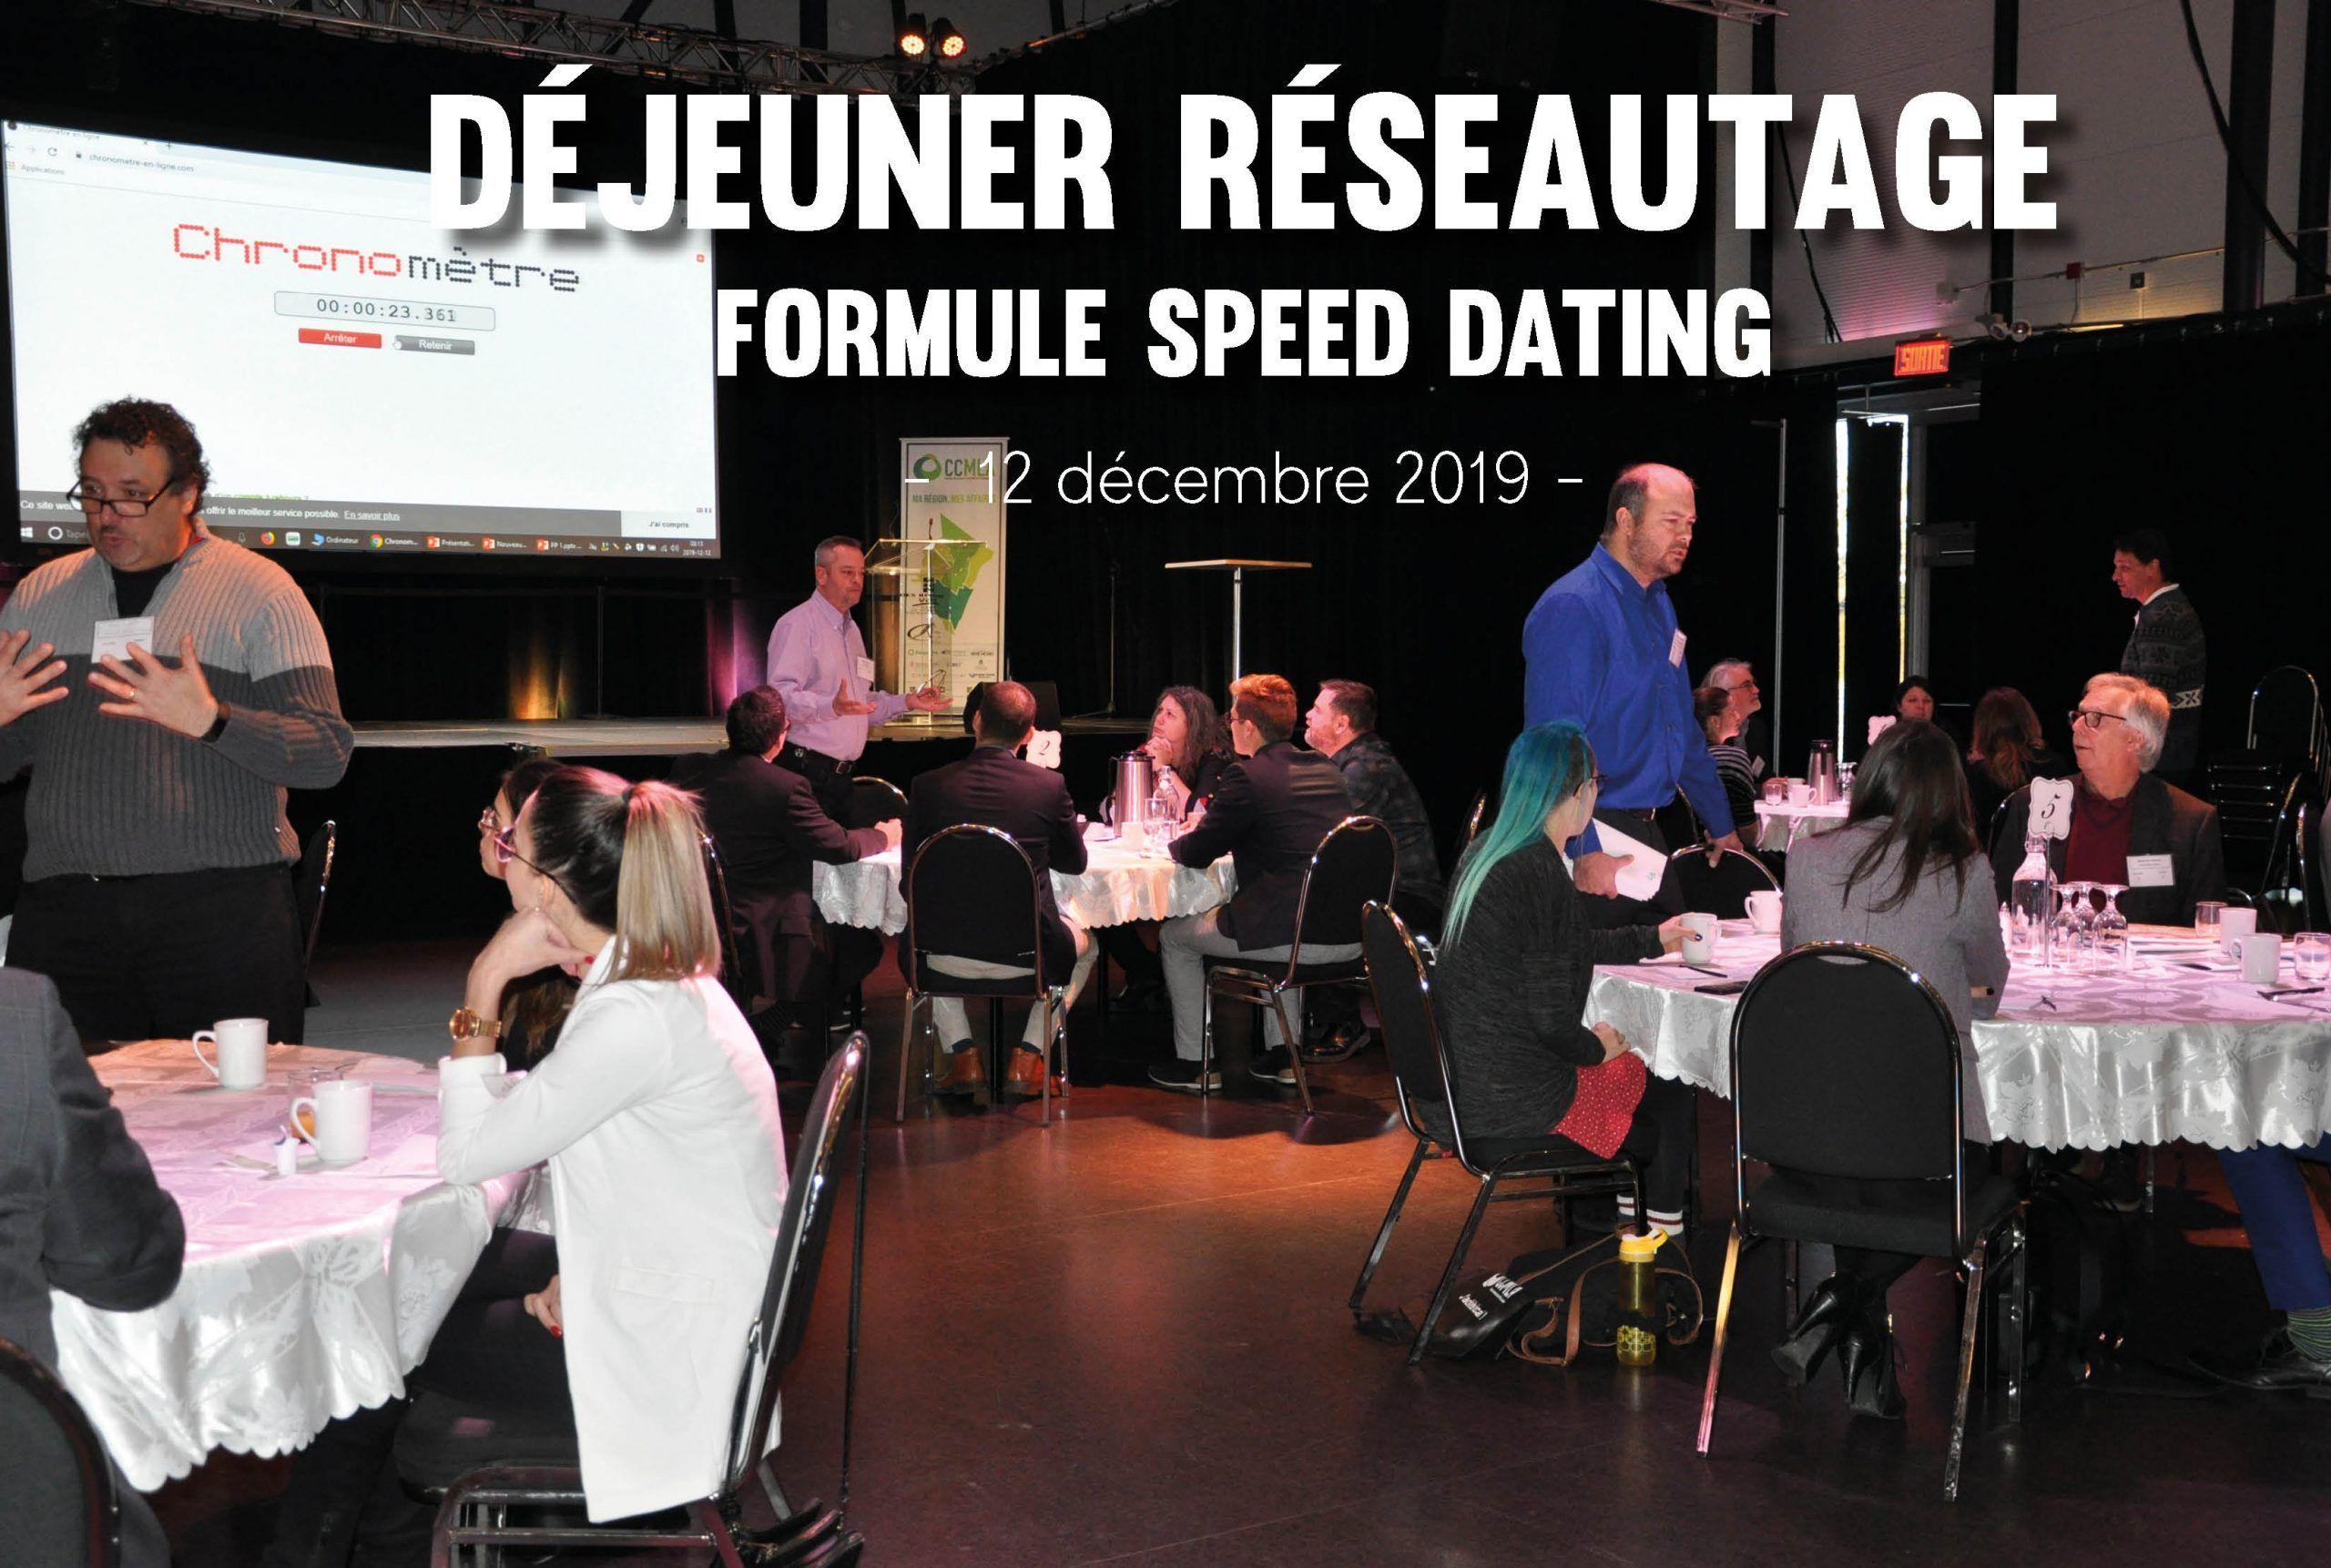 Déjeuner réseautage – Formule Speed dating